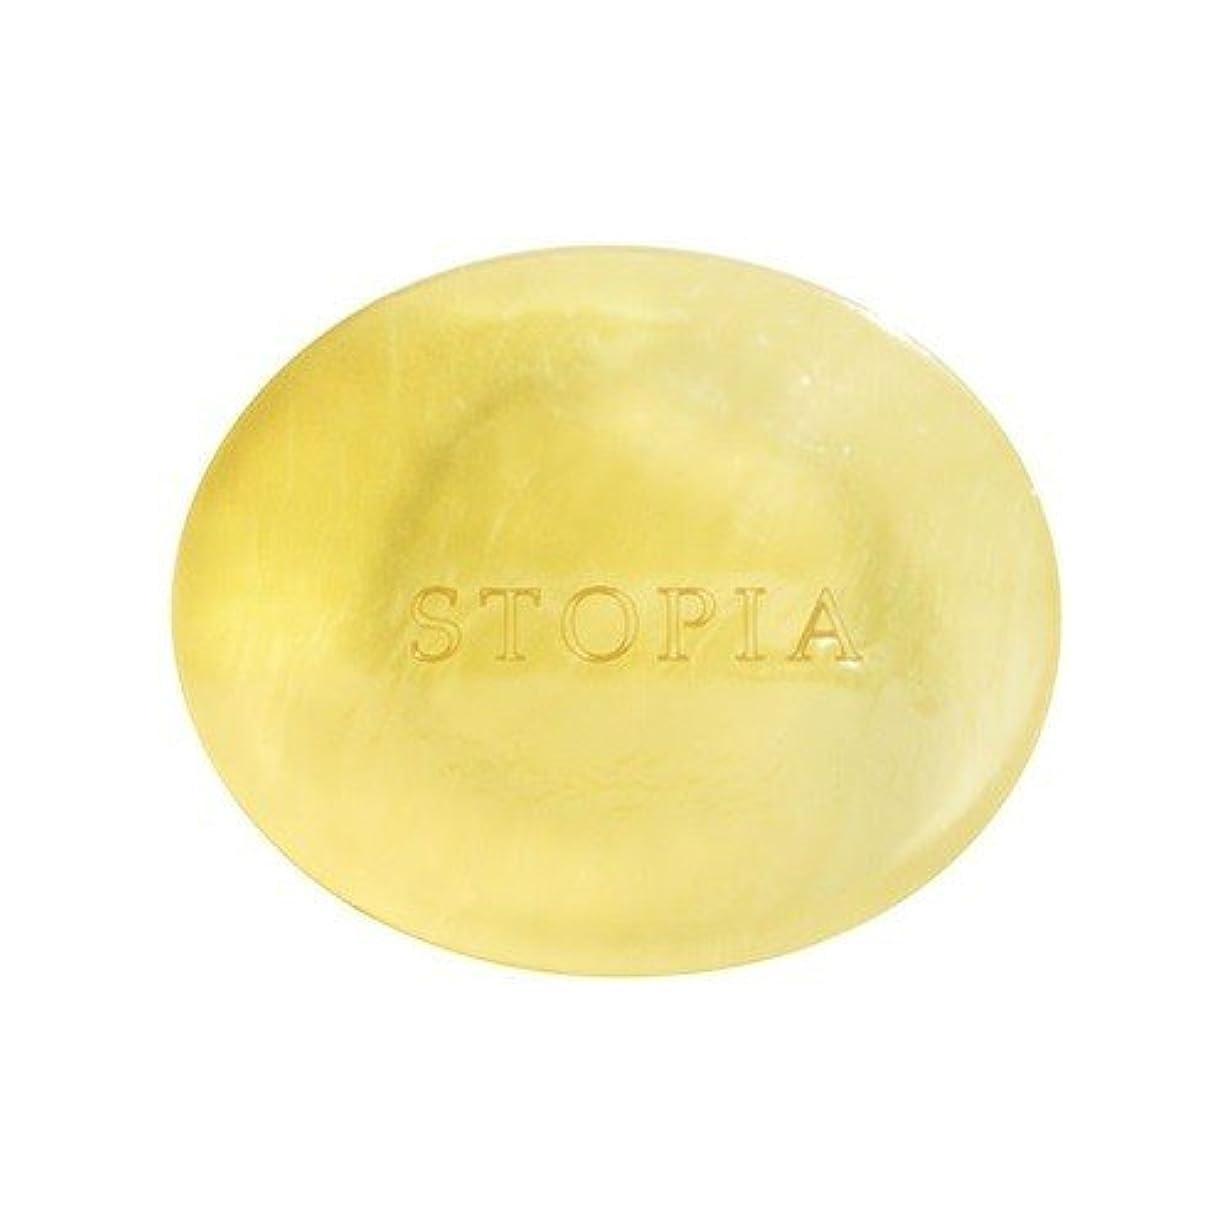 薬イタリアのファイバゲオール ストピア 薬用ソープ 医薬部外品